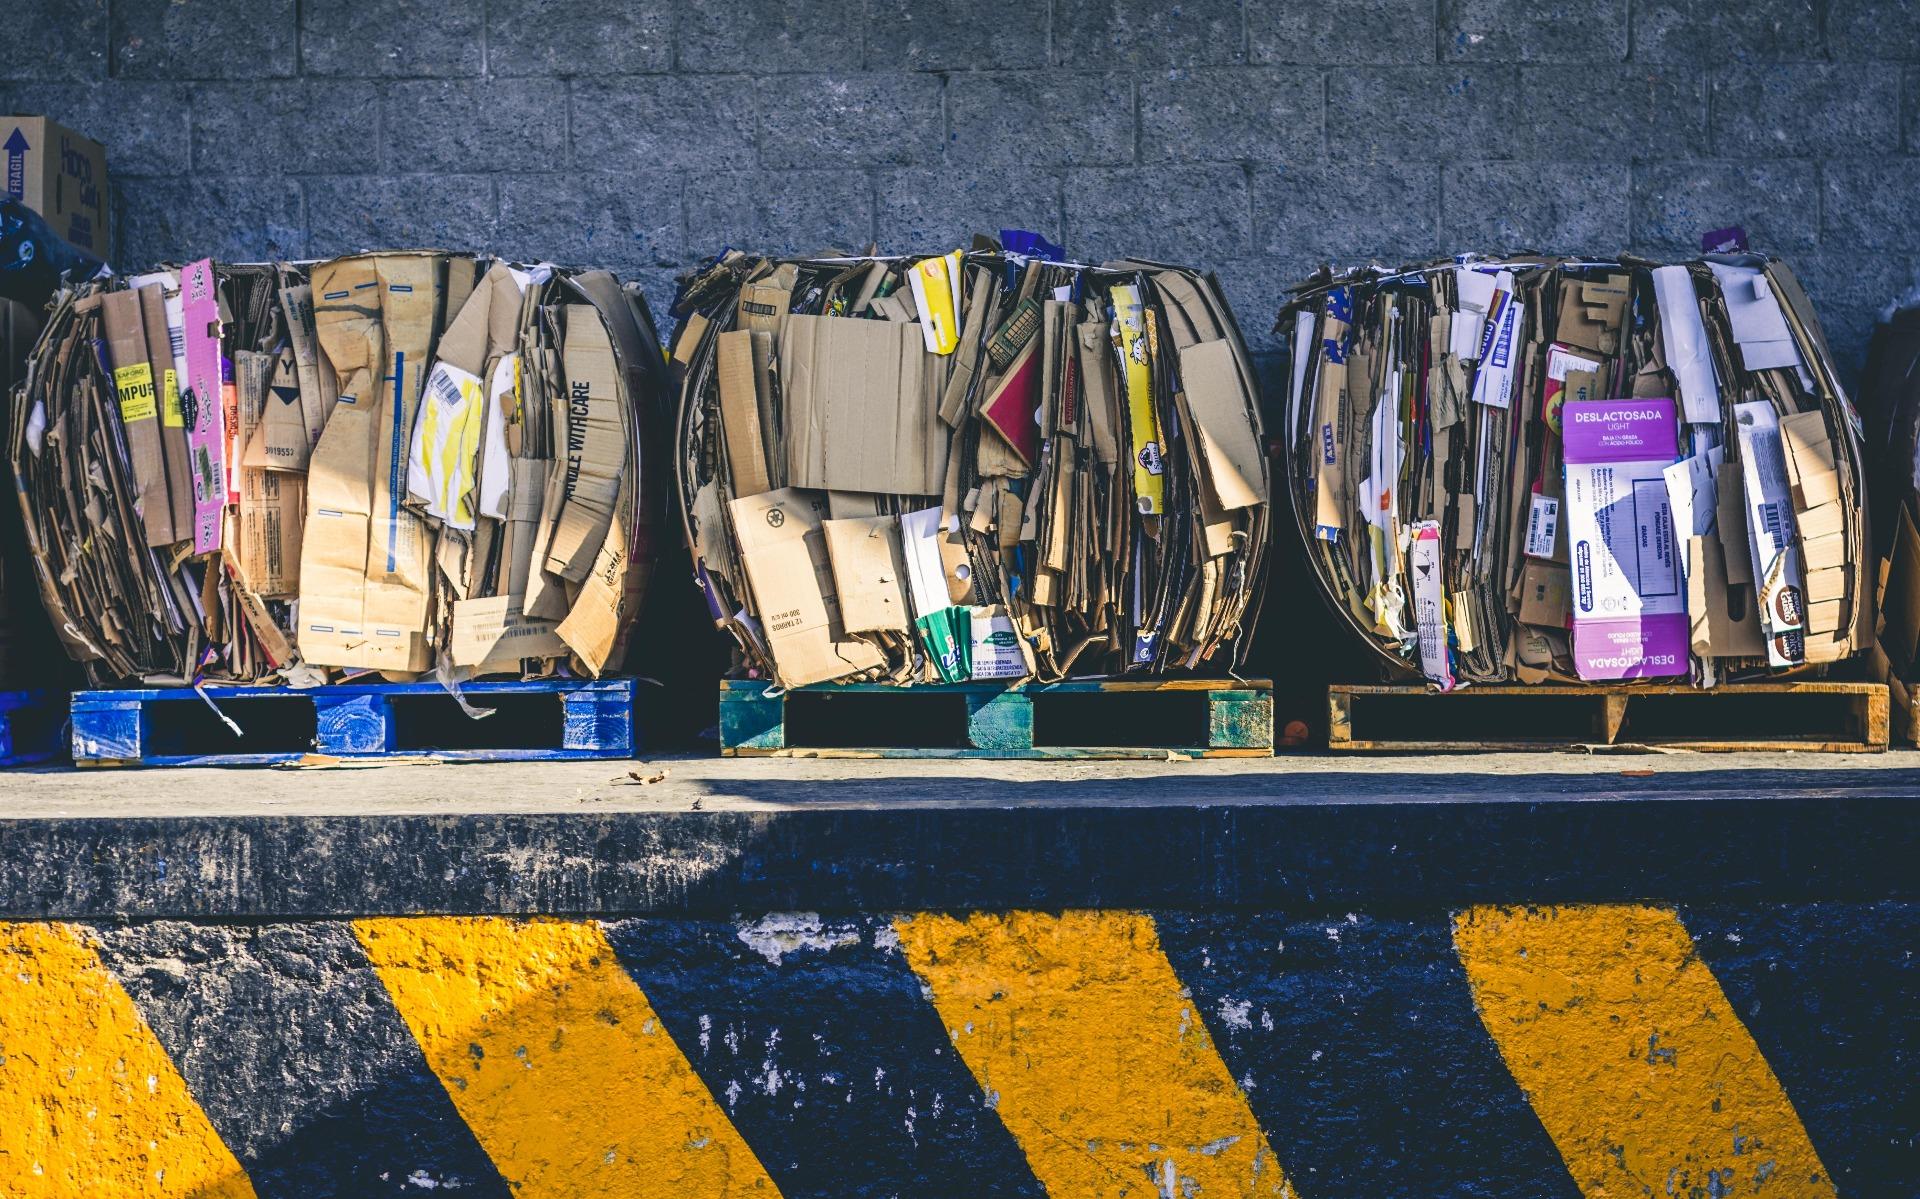 Packaging in a waste bin